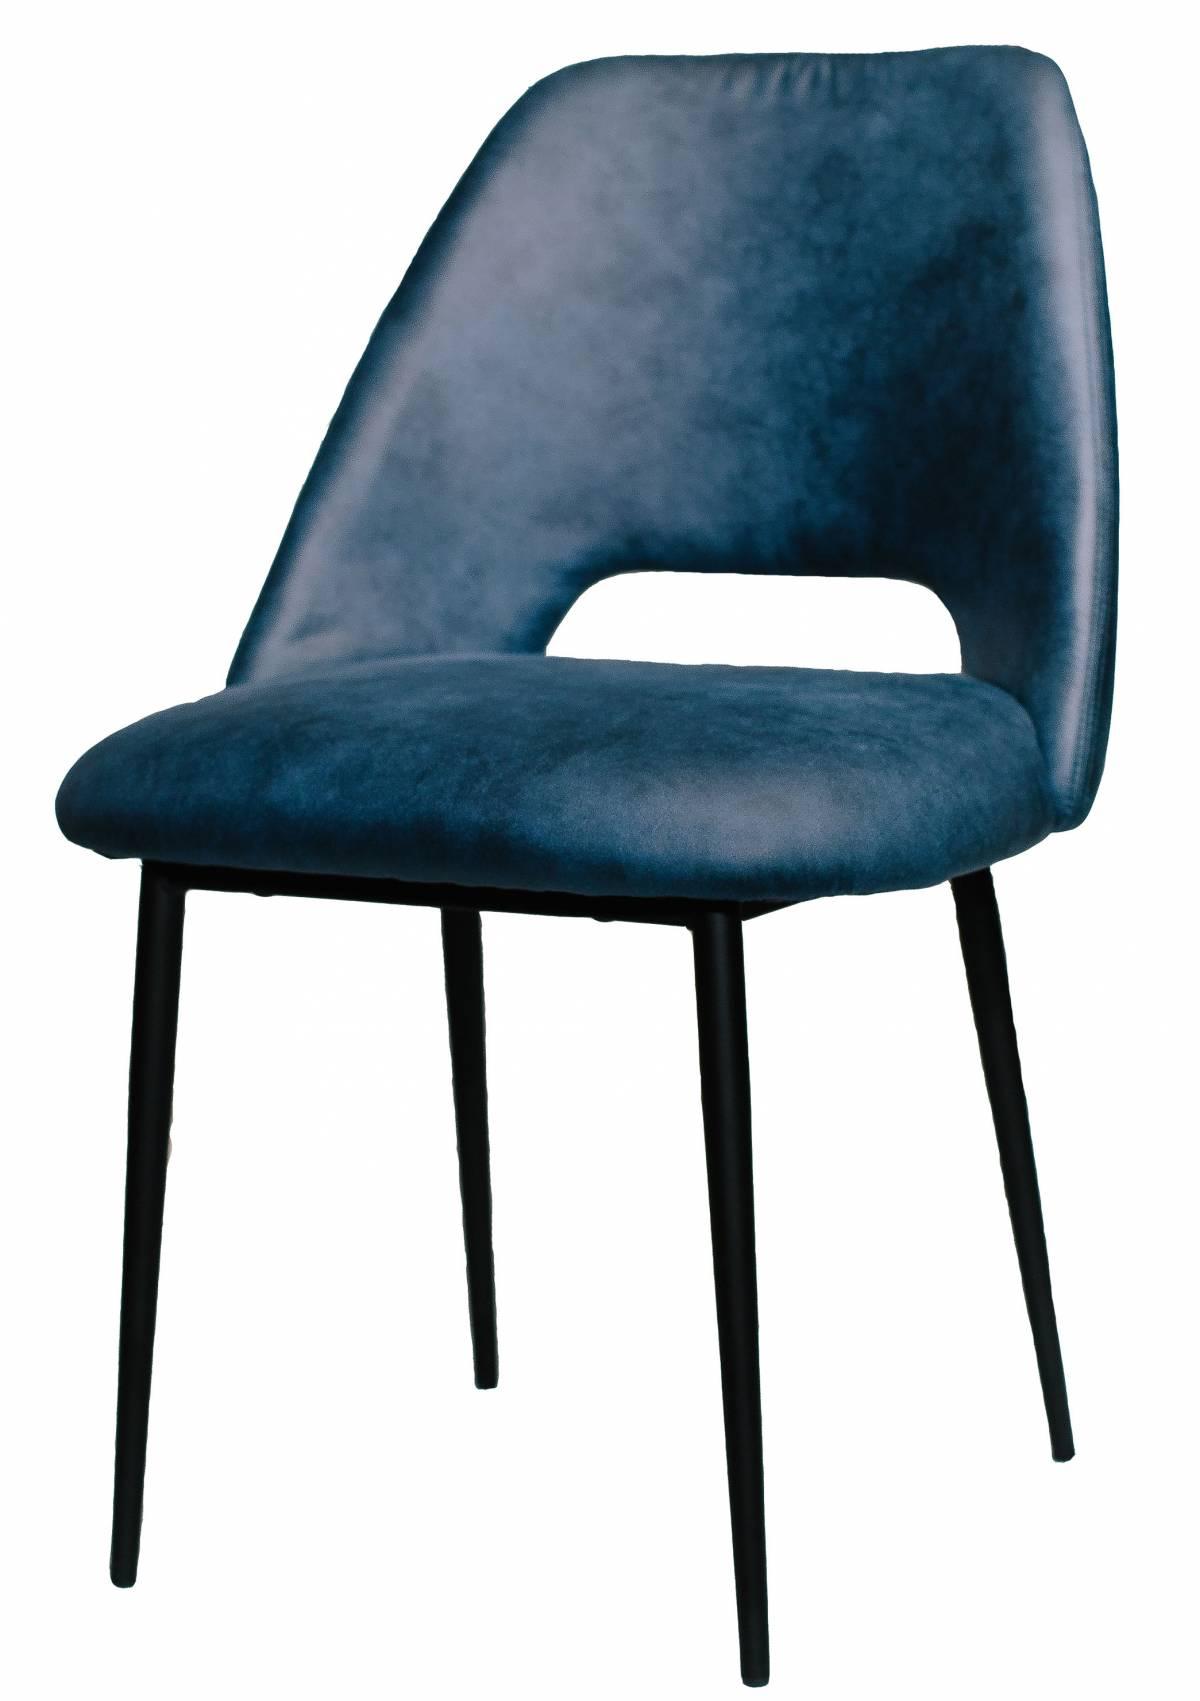 Металлический стул Vic Sandalye из экокожи синий в Raroom